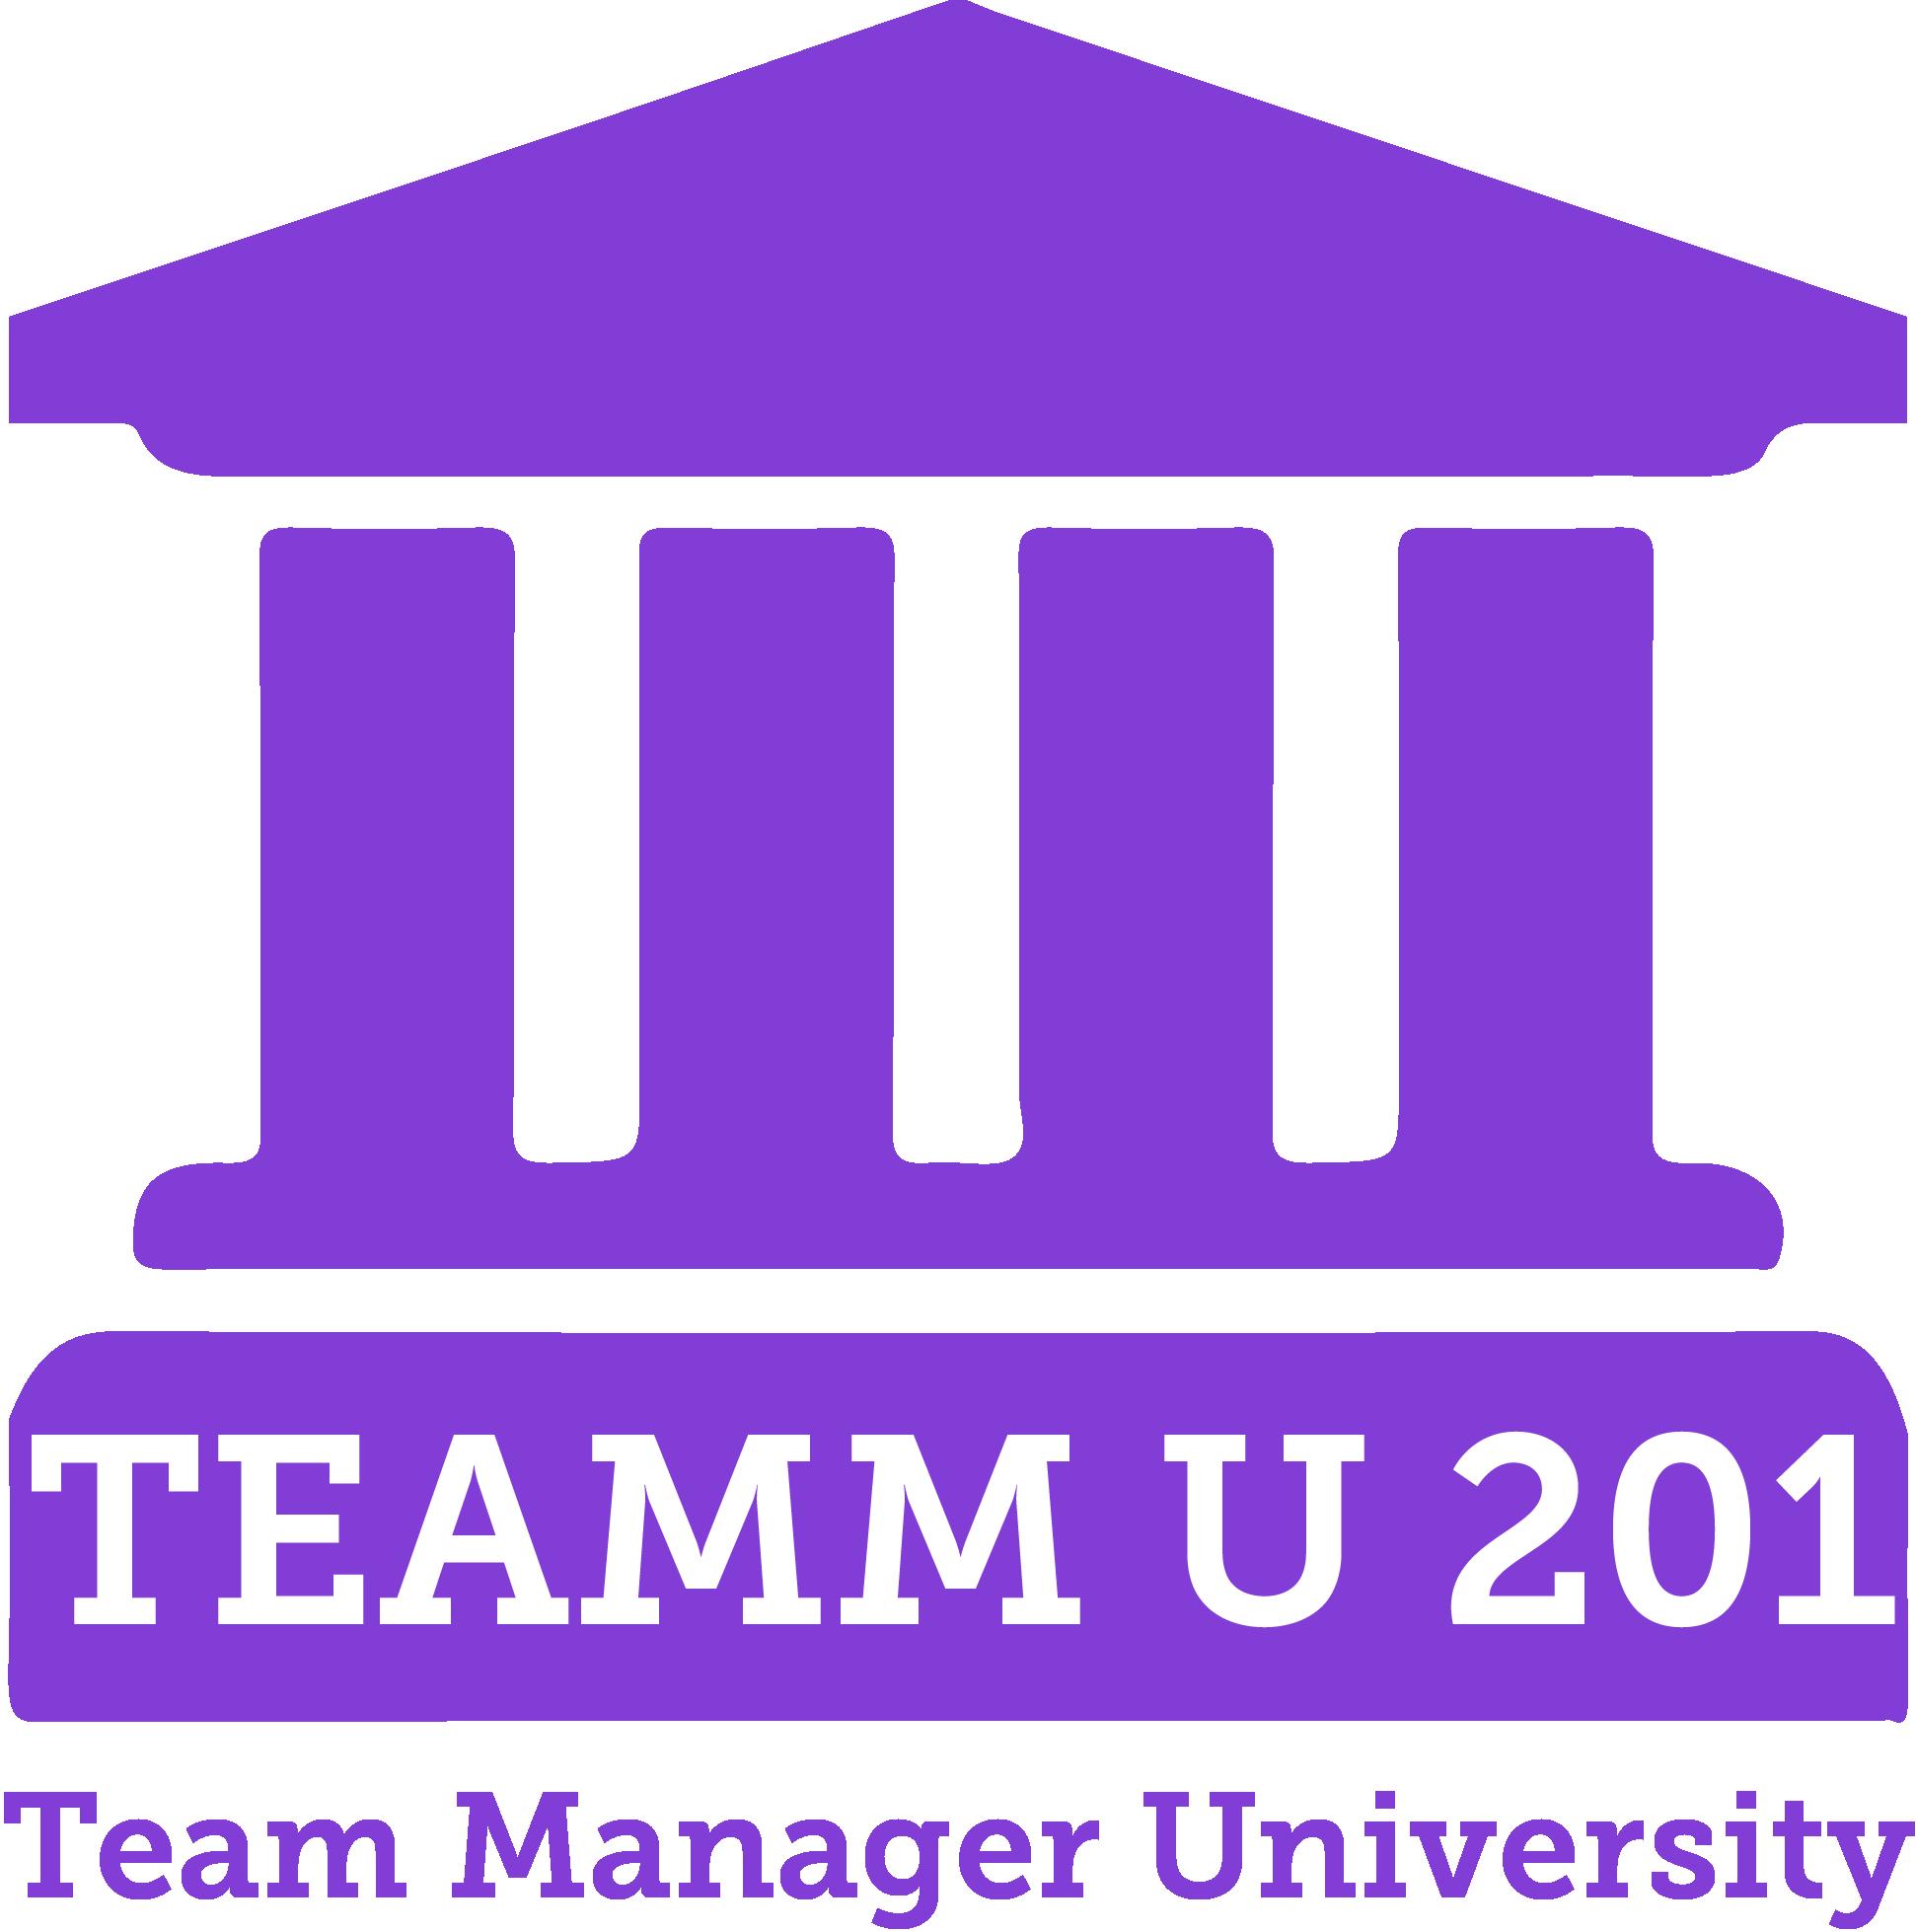 TEAMMU 201 Logo.png